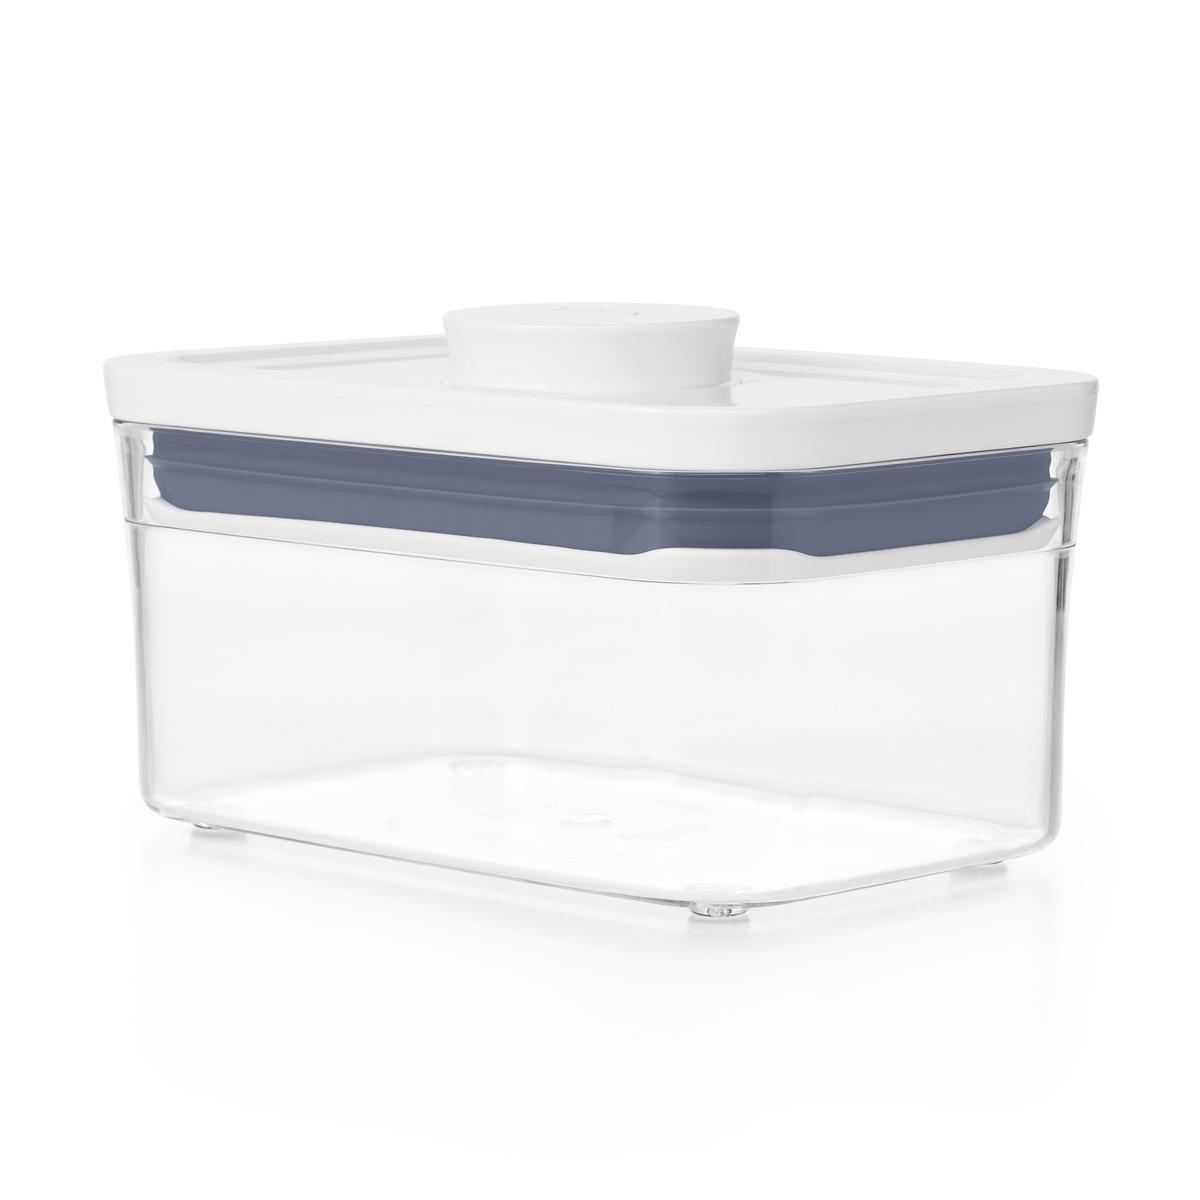 Онлайн каталог PROMENU: Емкость для хранения с всплывающей кнопкой OXO FOOD STORAGE, 16х10,5х8 см, объем 0,6 л, прозрачный OXO 11234700